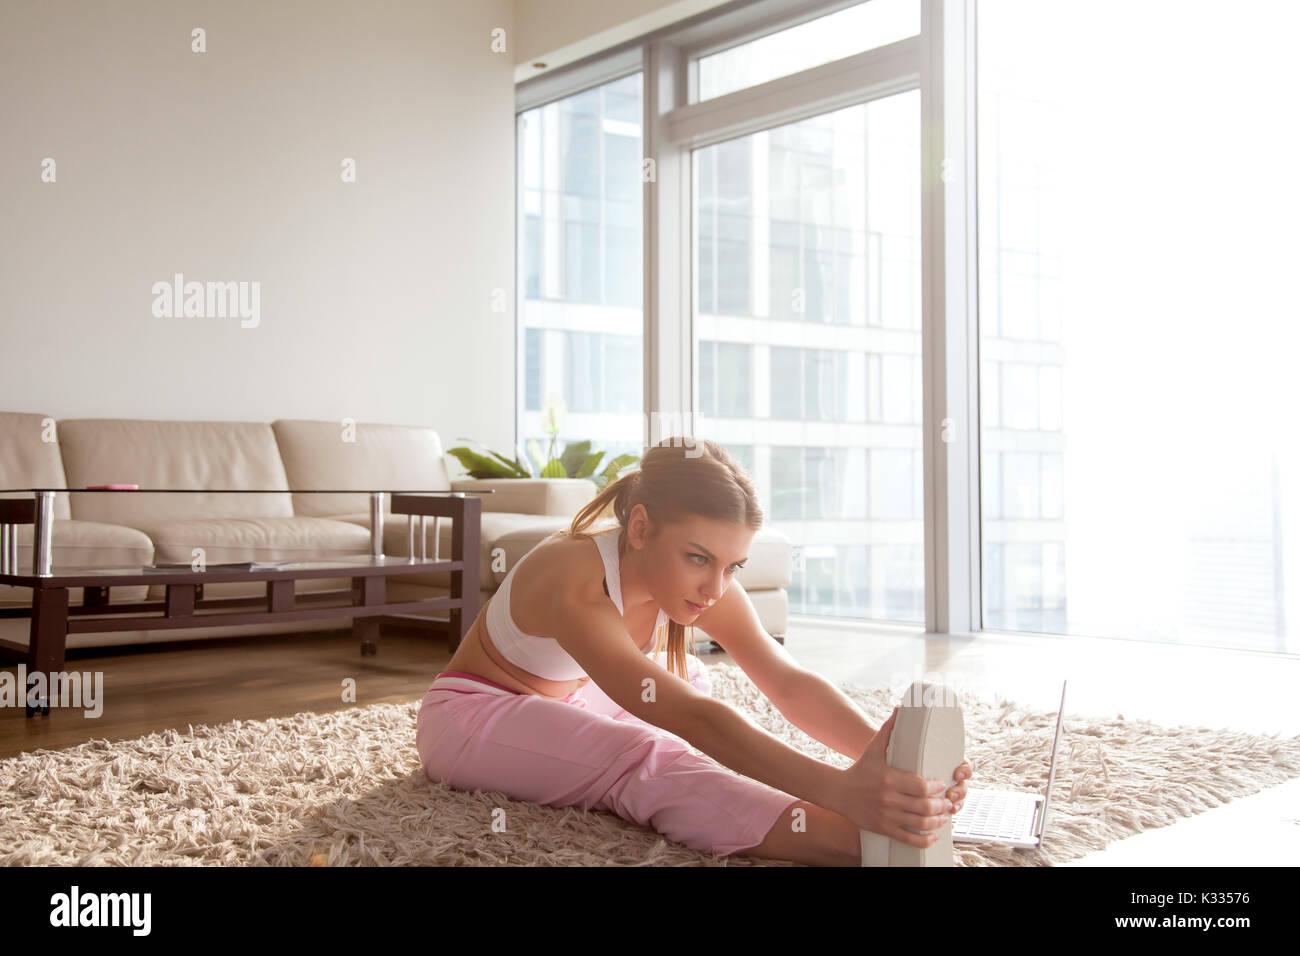 Mujer haciendo ejercicios para aumentar la flexibilidad Imagen De Stock